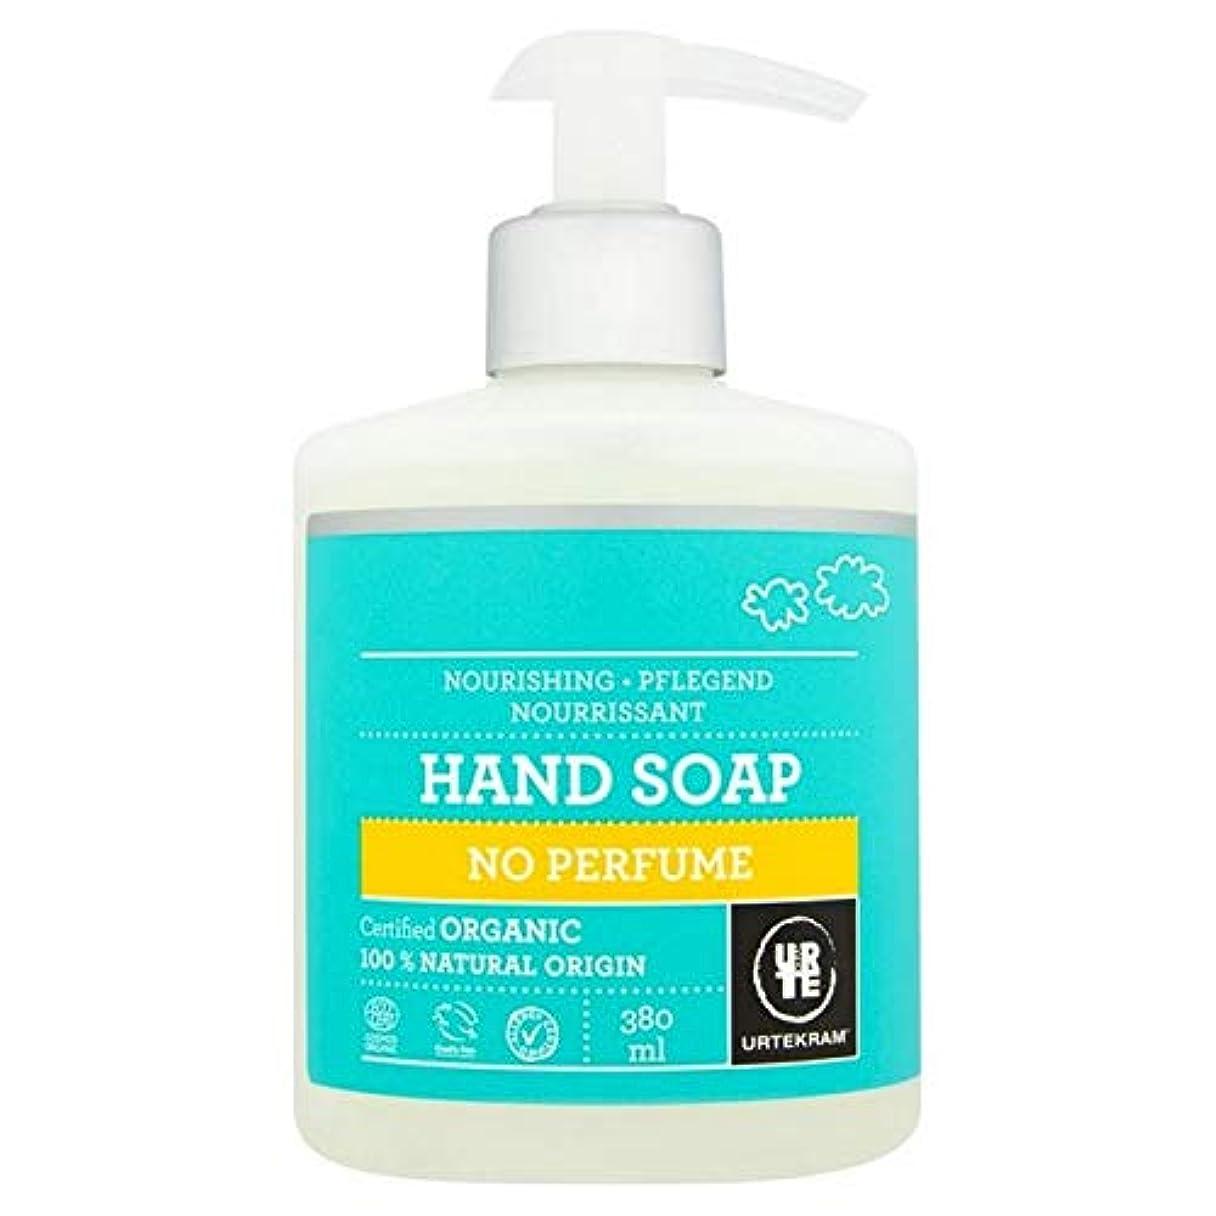 端ブロック受賞[Urtekram] 何の香水、液体ハンドソープ380ミリリットルをUrtekramありません - Urtekram No Perfume Liquid Hand Soap 380ml [並行輸入品]